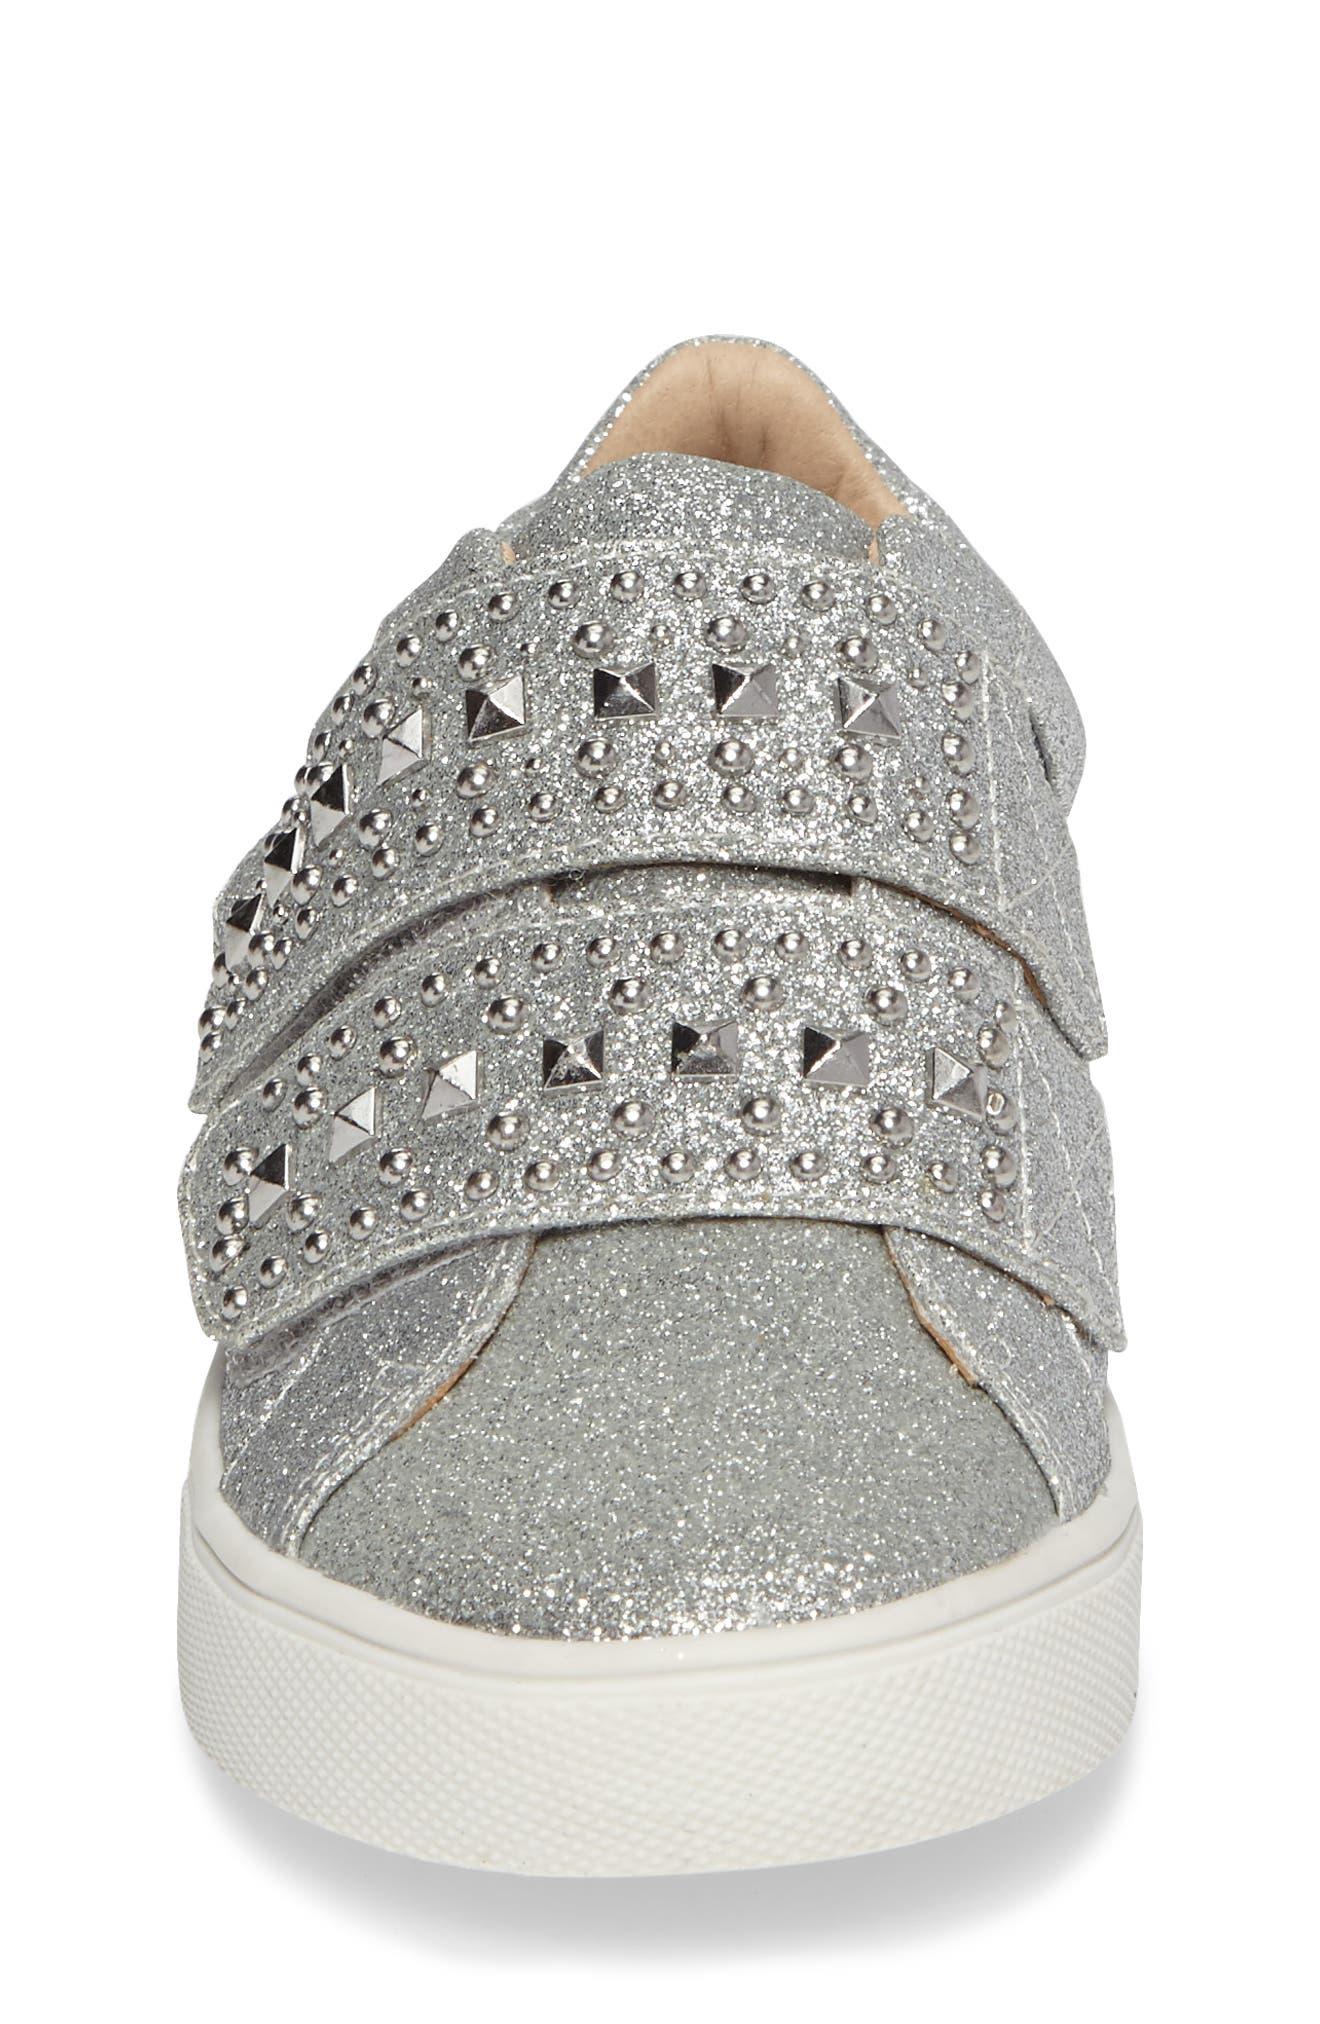 Baylen Embellished Glitter Sneaker,                             Alternate thumbnail 4, color,                             SILVER GLITTER